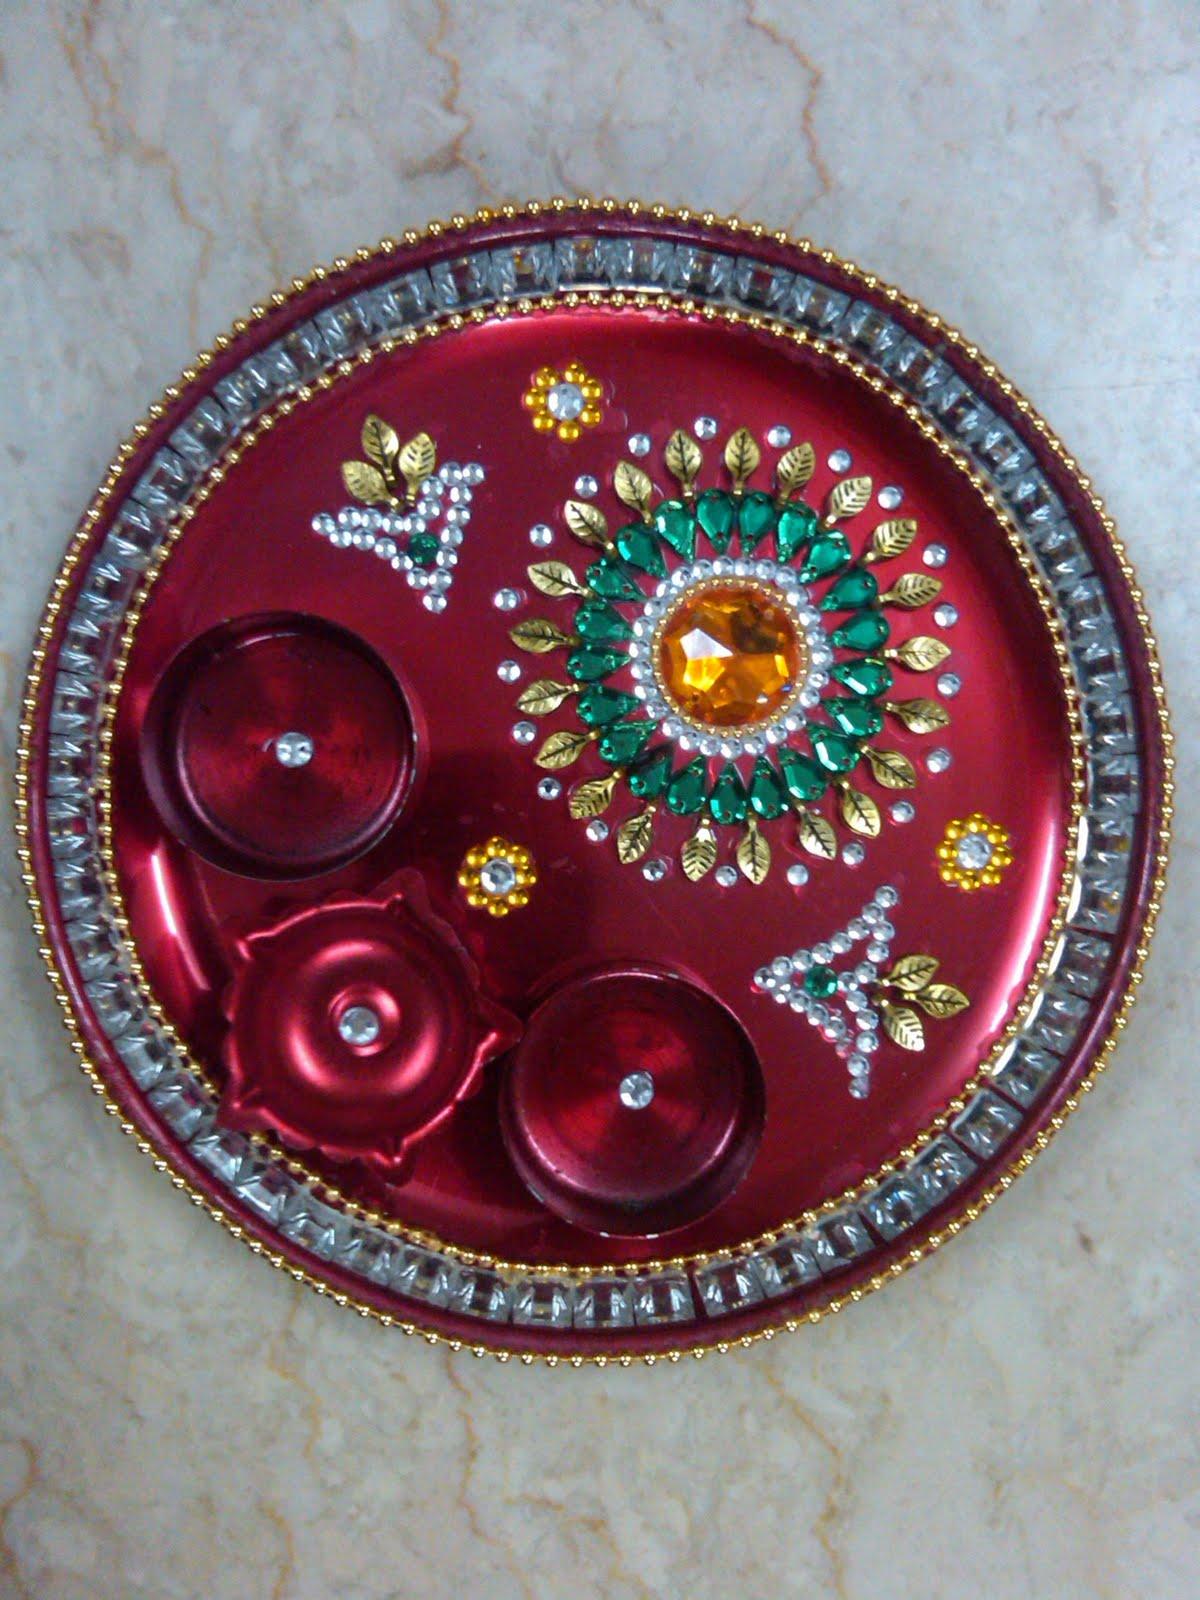 Ranjana arts ranjanaarts aarti thali pooja thali raksha aarti thali pooja thali raksha bandhan aarti thali thali pooja thali puja thali wedding aarti thali pokwani thali decorative thali decorated thali n junglespirit Choice Image